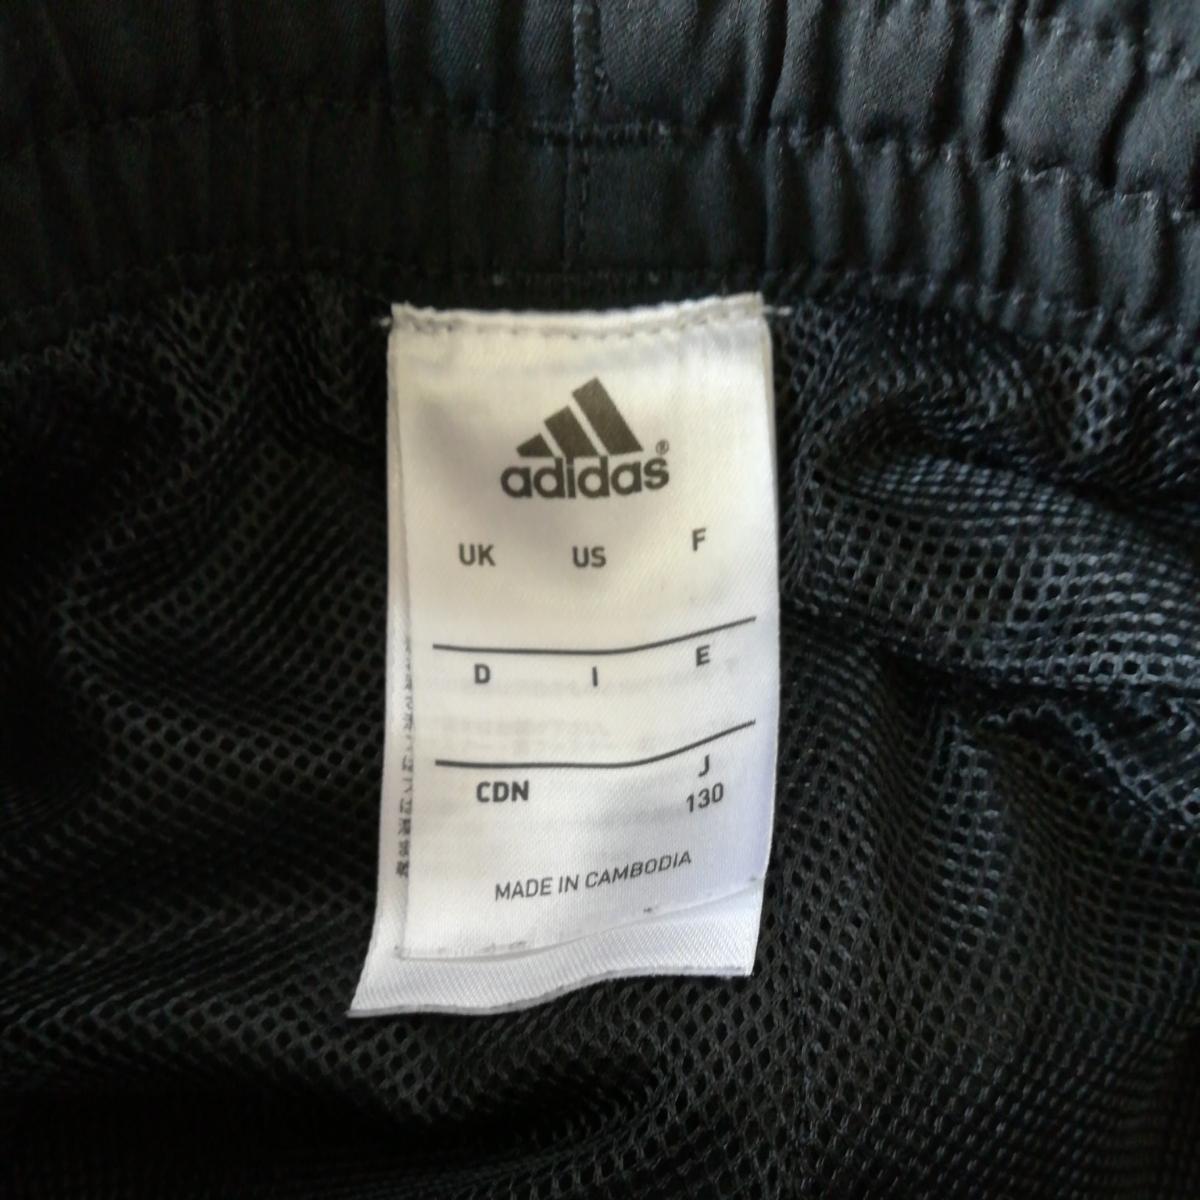 【一円】adidas アディダス ジャージ上着+スポーツウェアパンツ キッズ140/130サイズ 子供用_画像8